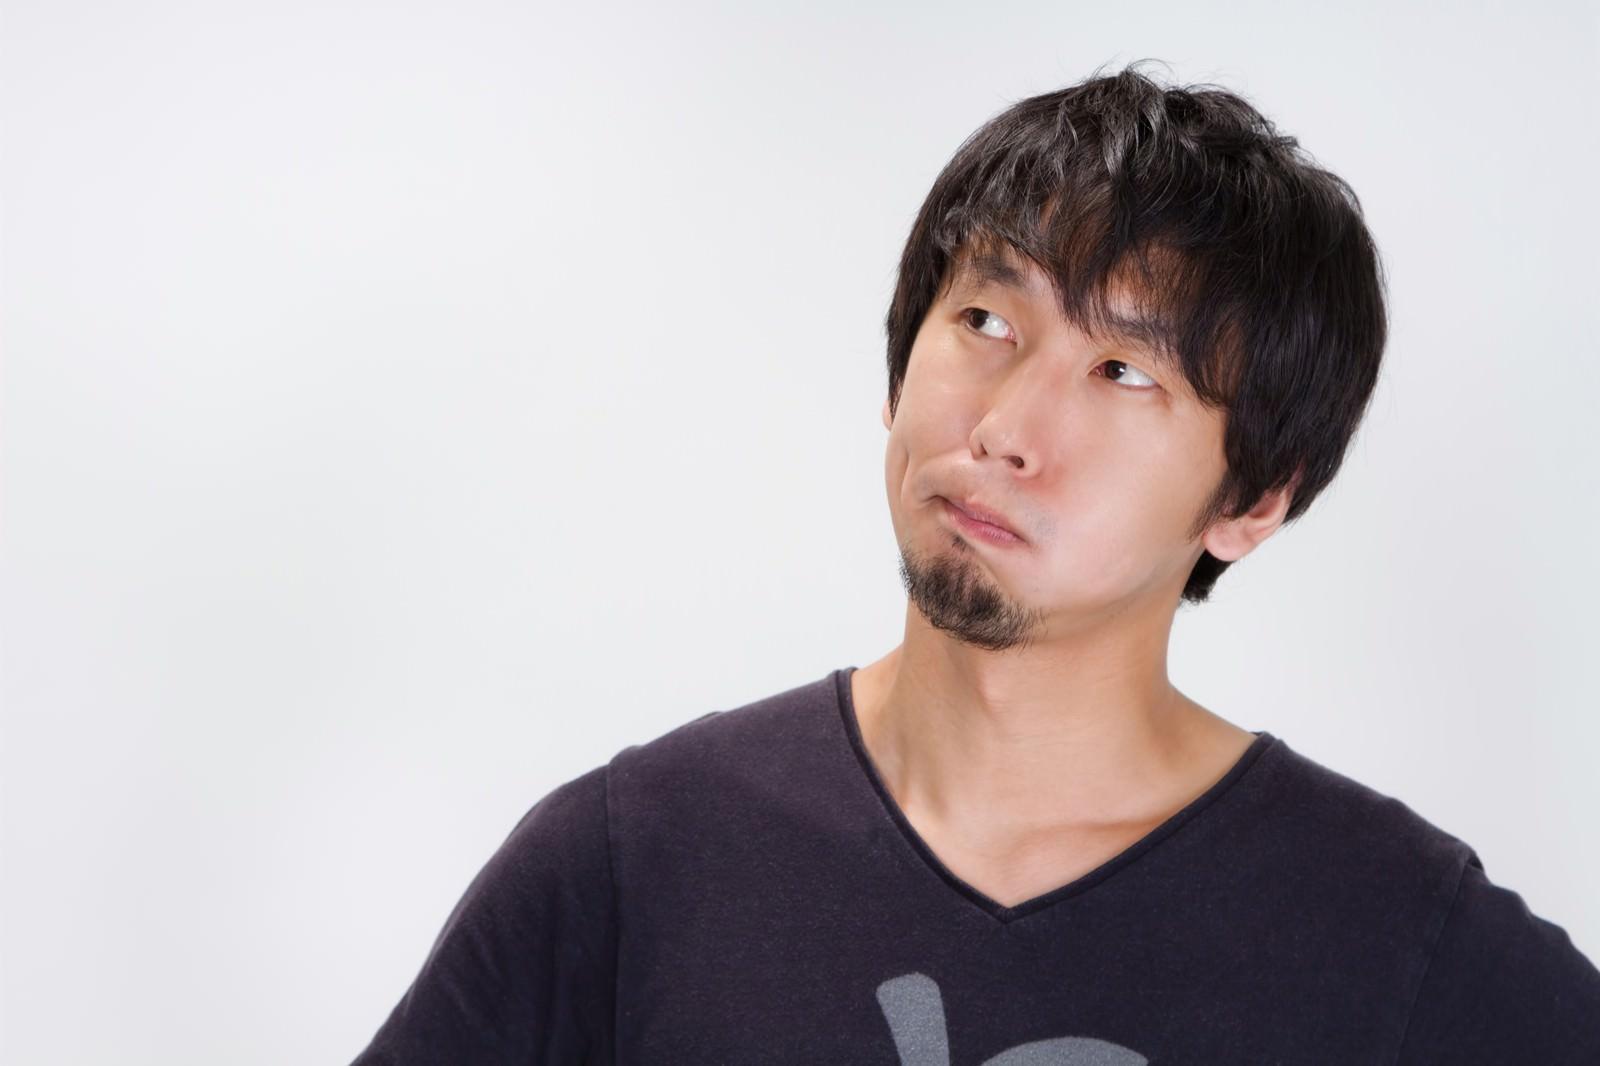 「しかめっ面をする男性 | 写真の無料素材・フリー素材 - ぱくたそ」の写真[モデル:大川竜弥]